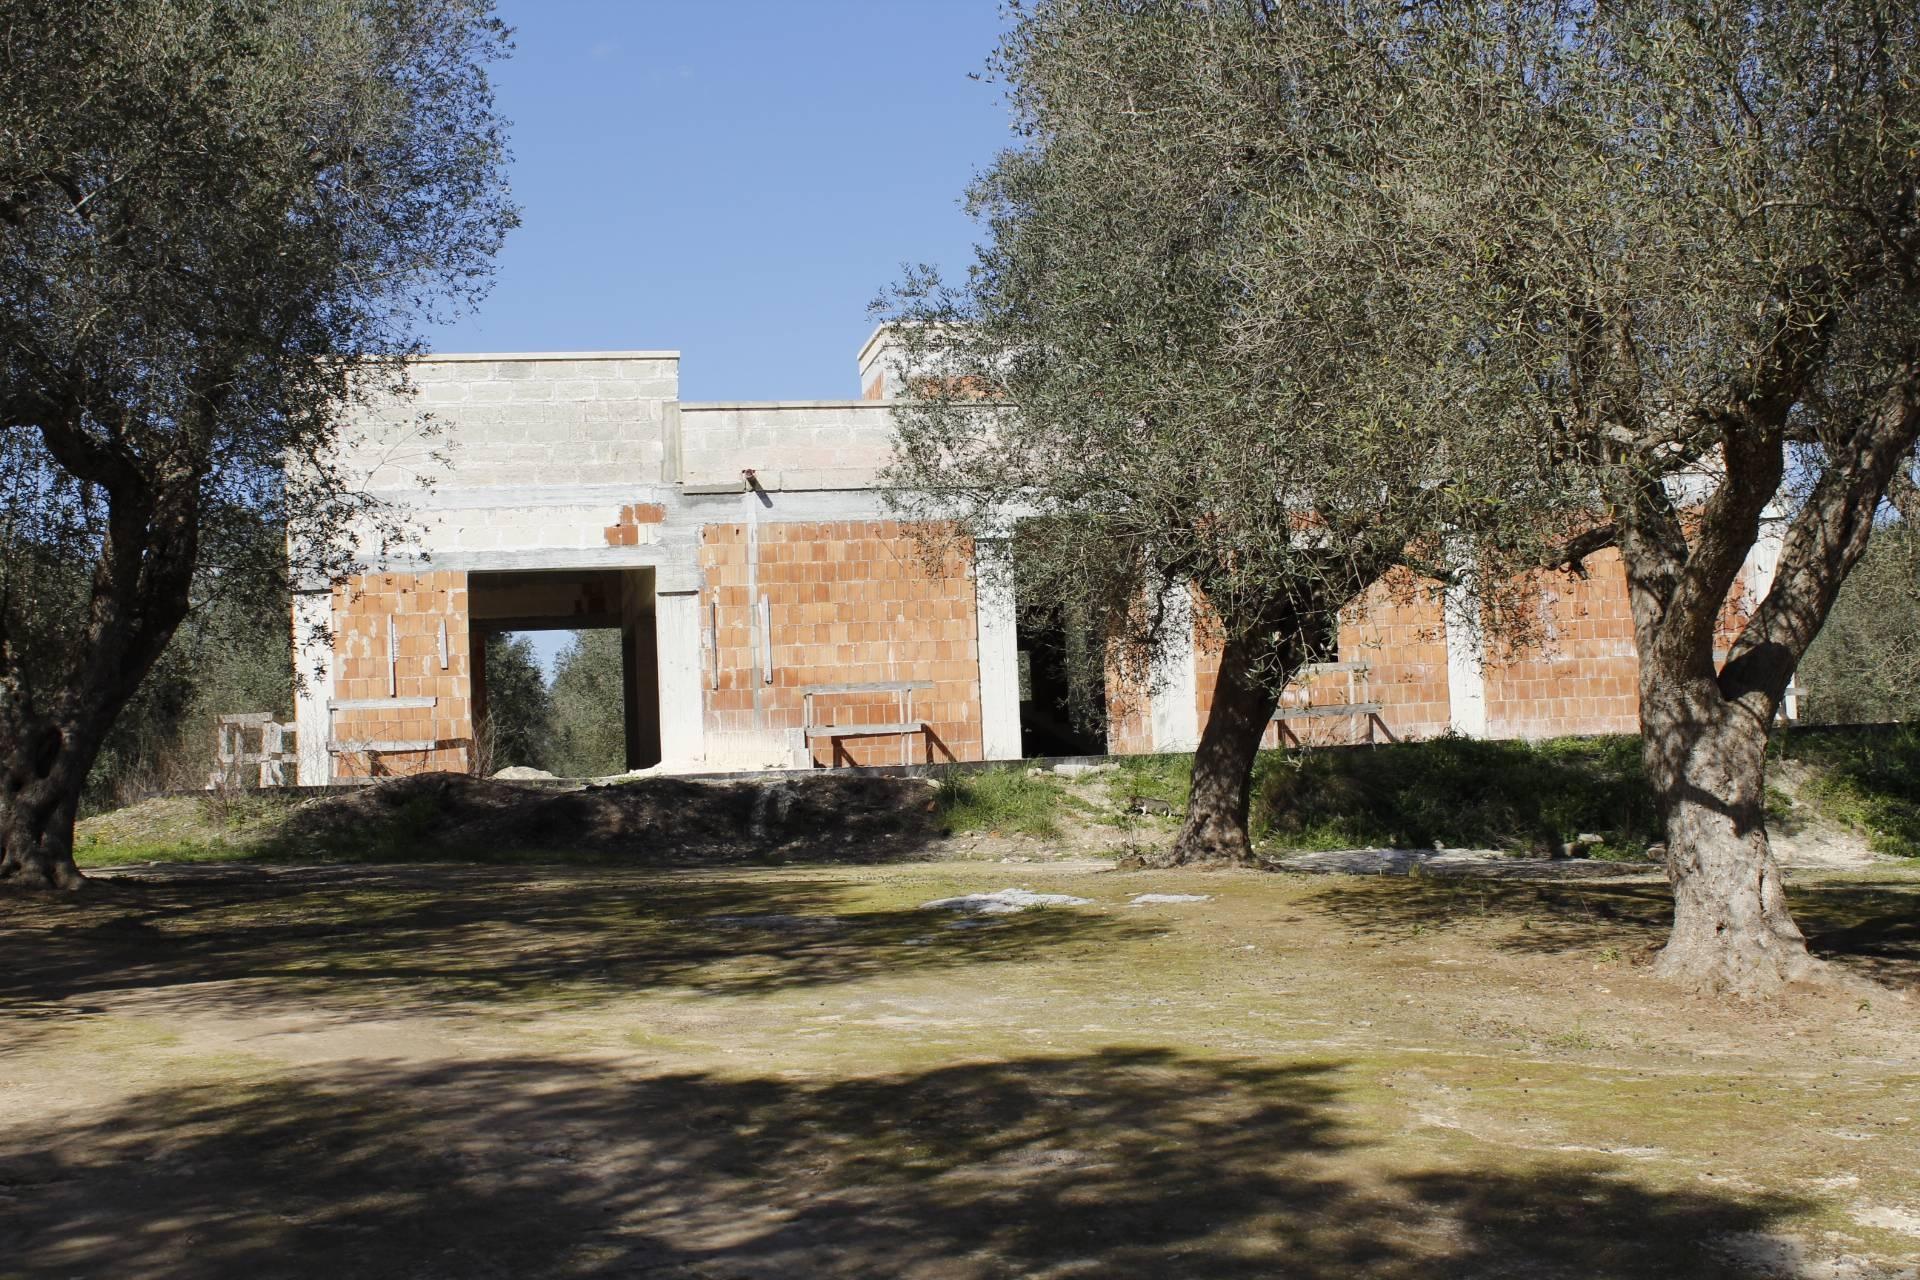 Terreno Agricolo in vendita a Giurdignano, 9999 locali, prezzo € 285.000 | CambioCasa.it